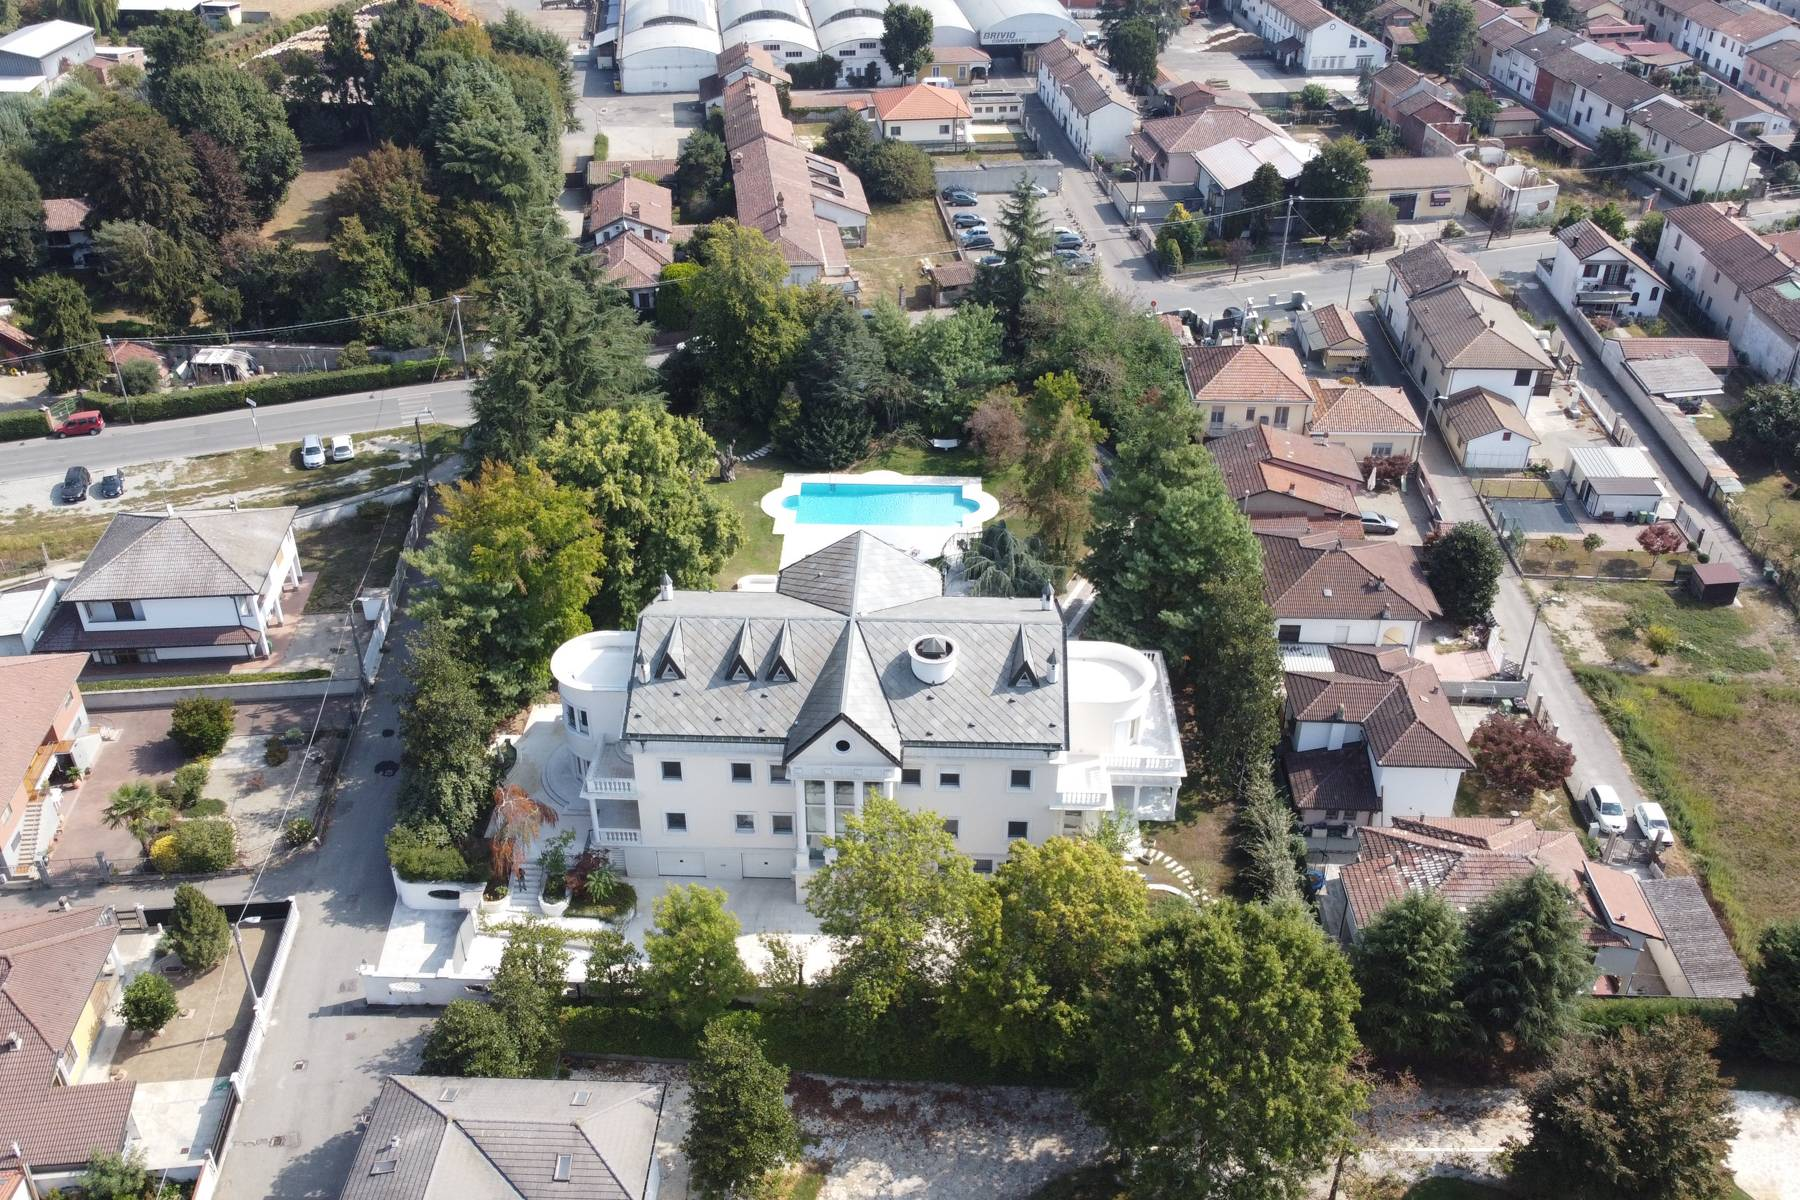 Lussuosa villa neoclassica con ampio parco e piscina - 41